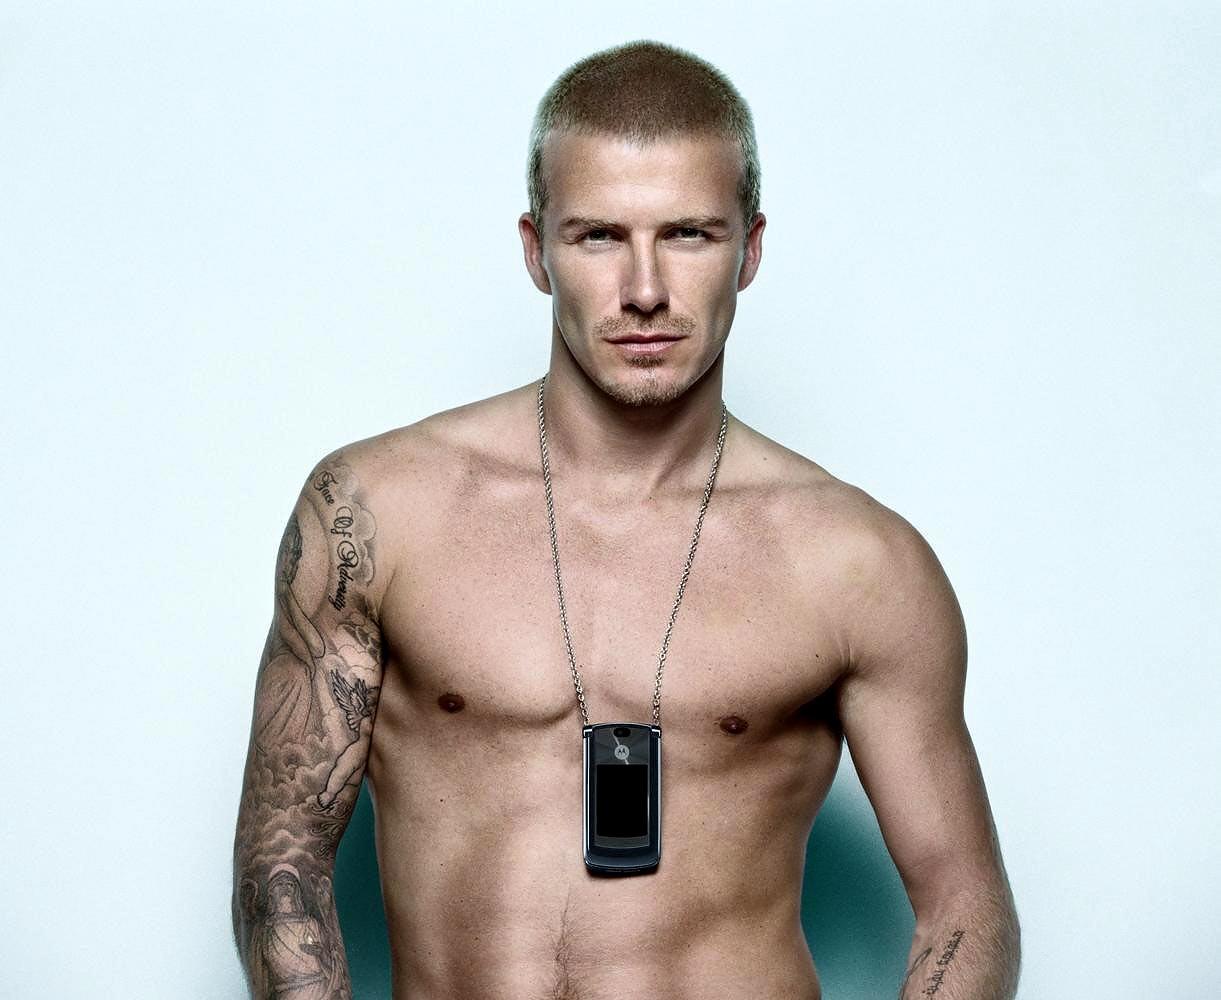 http://2.bp.blogspot.com/_LskFa1i-lIE/S_Fo-JZCT_I/AAAAAAAAARE/JRo2MLdrFNo/s1600/David_Beckham_11.jpg